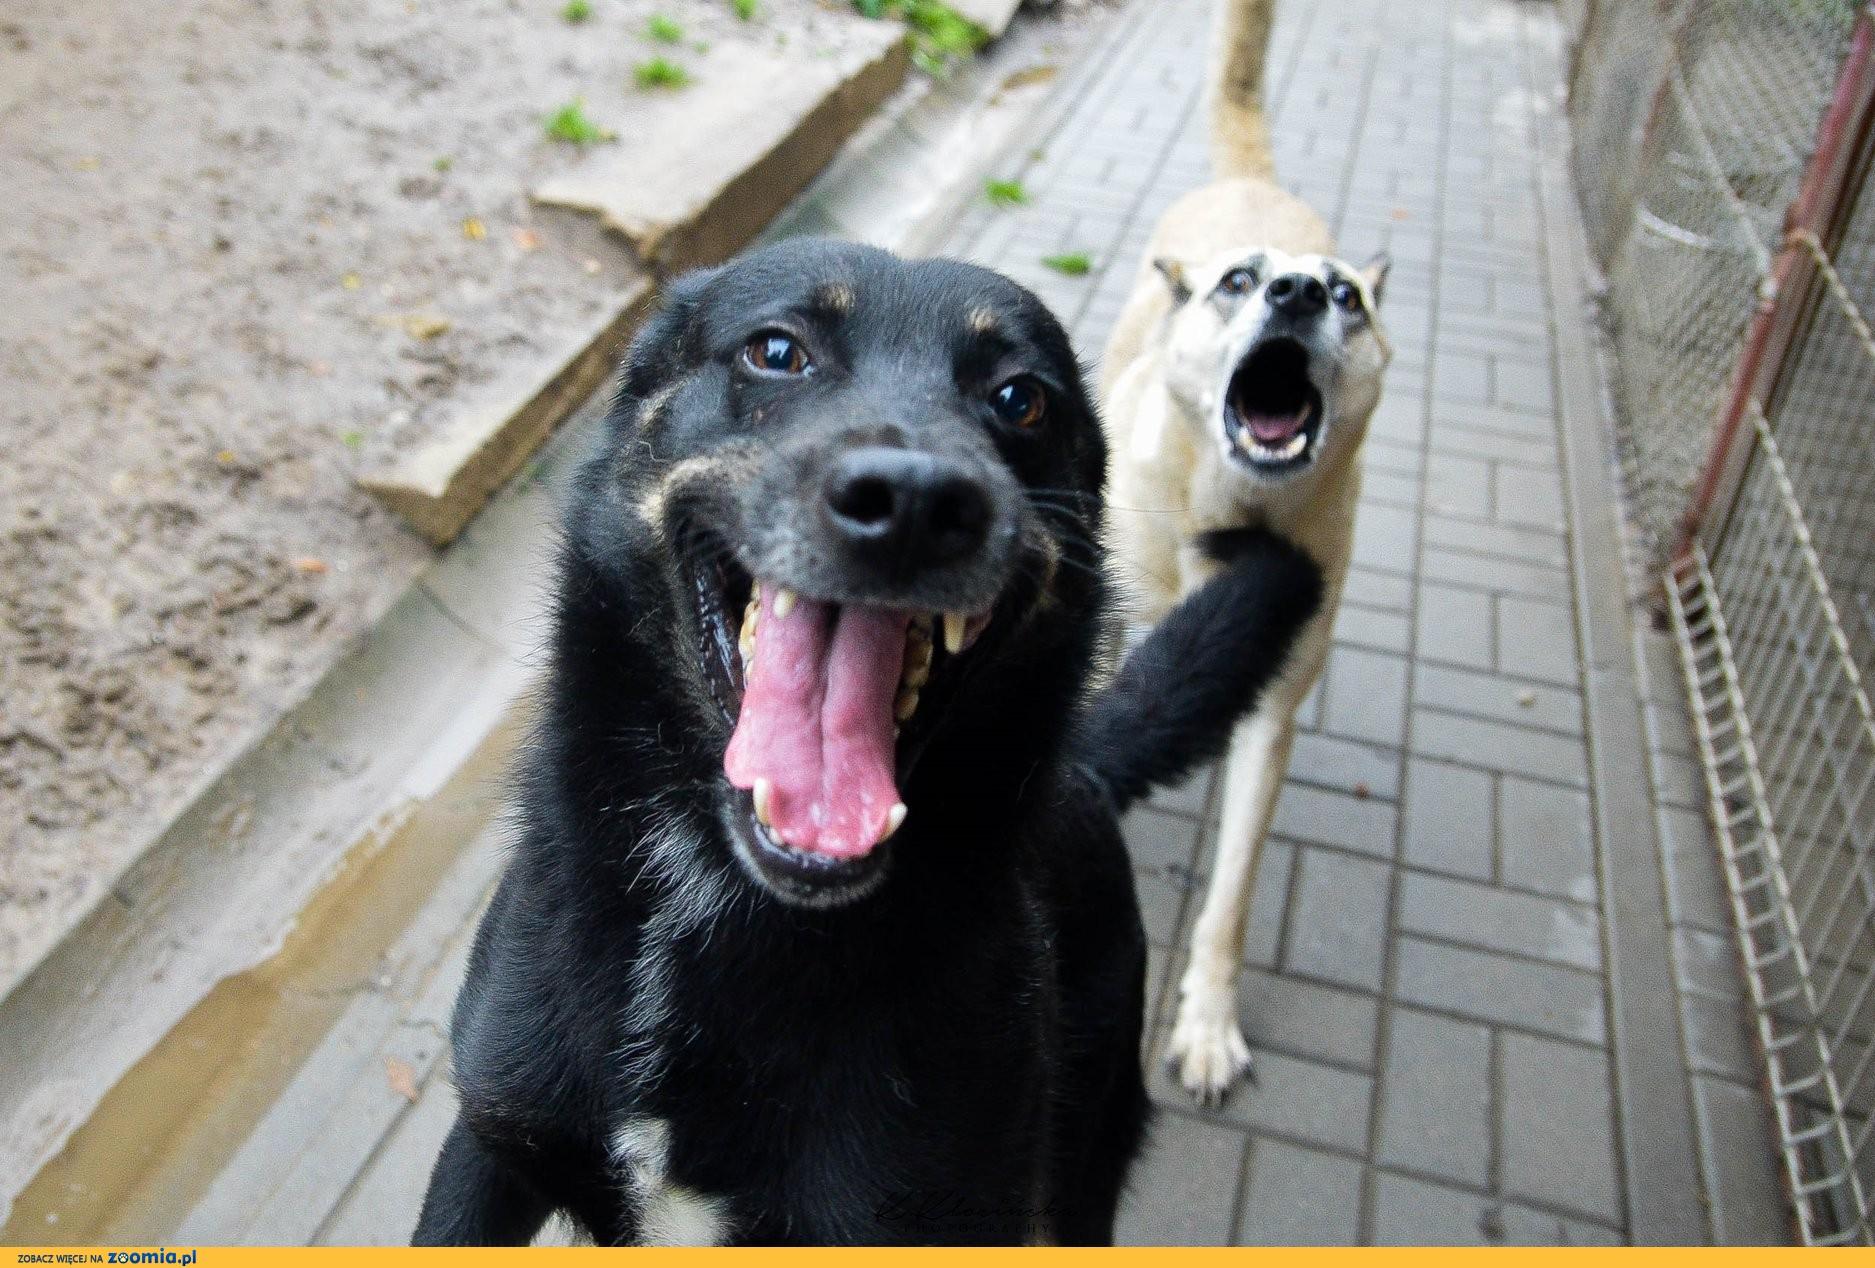 Laki, psia przylepa, wesoły i przyjazny psiak szuka superdomu!